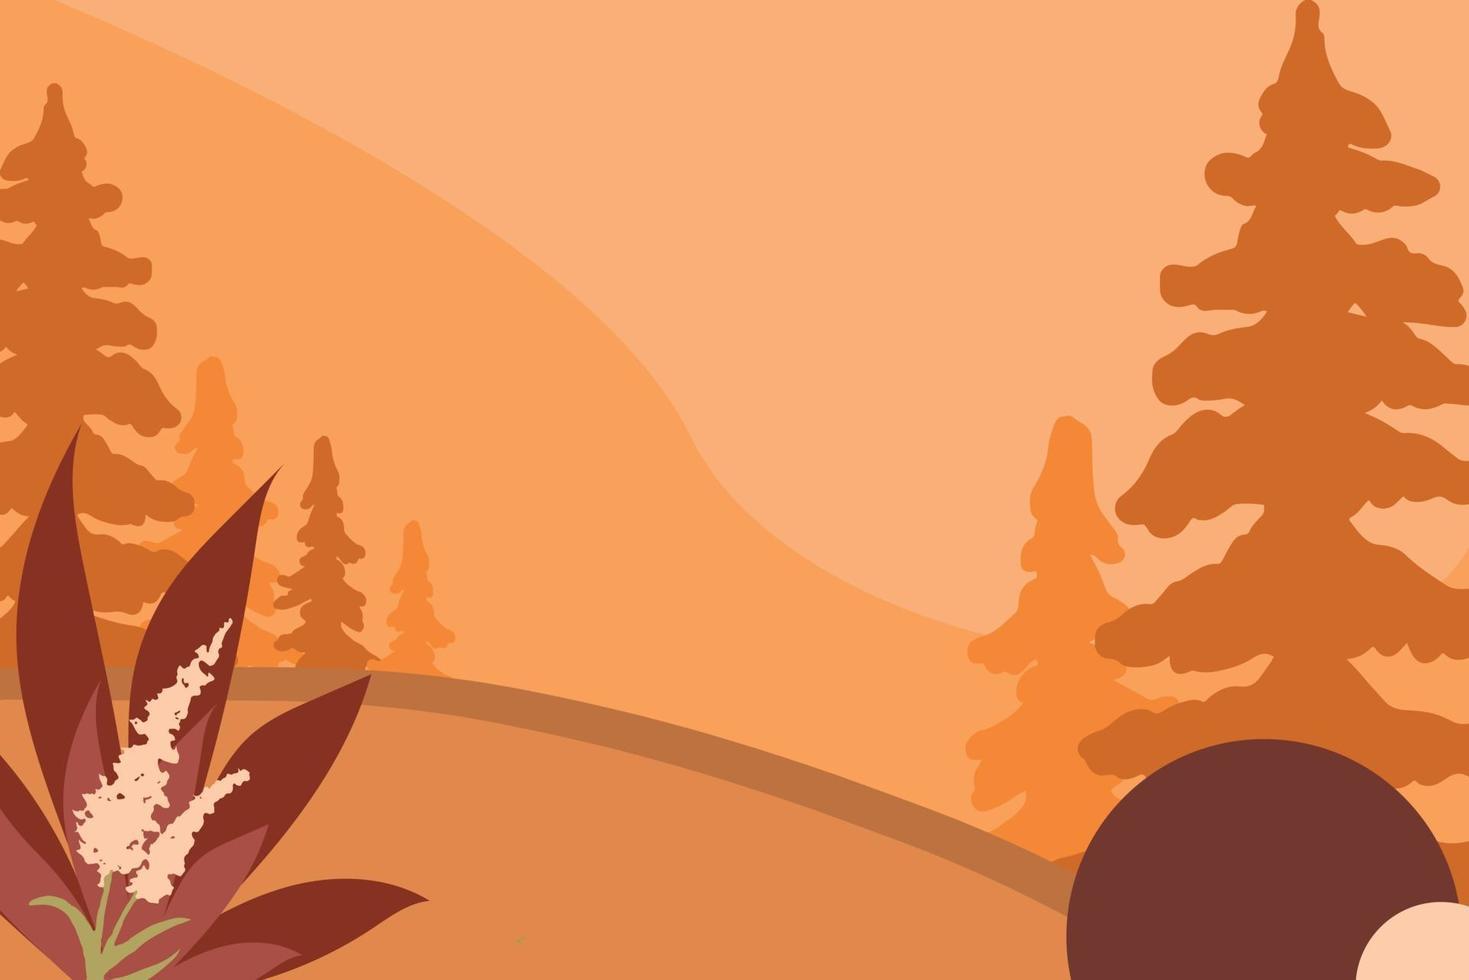 vetor de fundo de outono